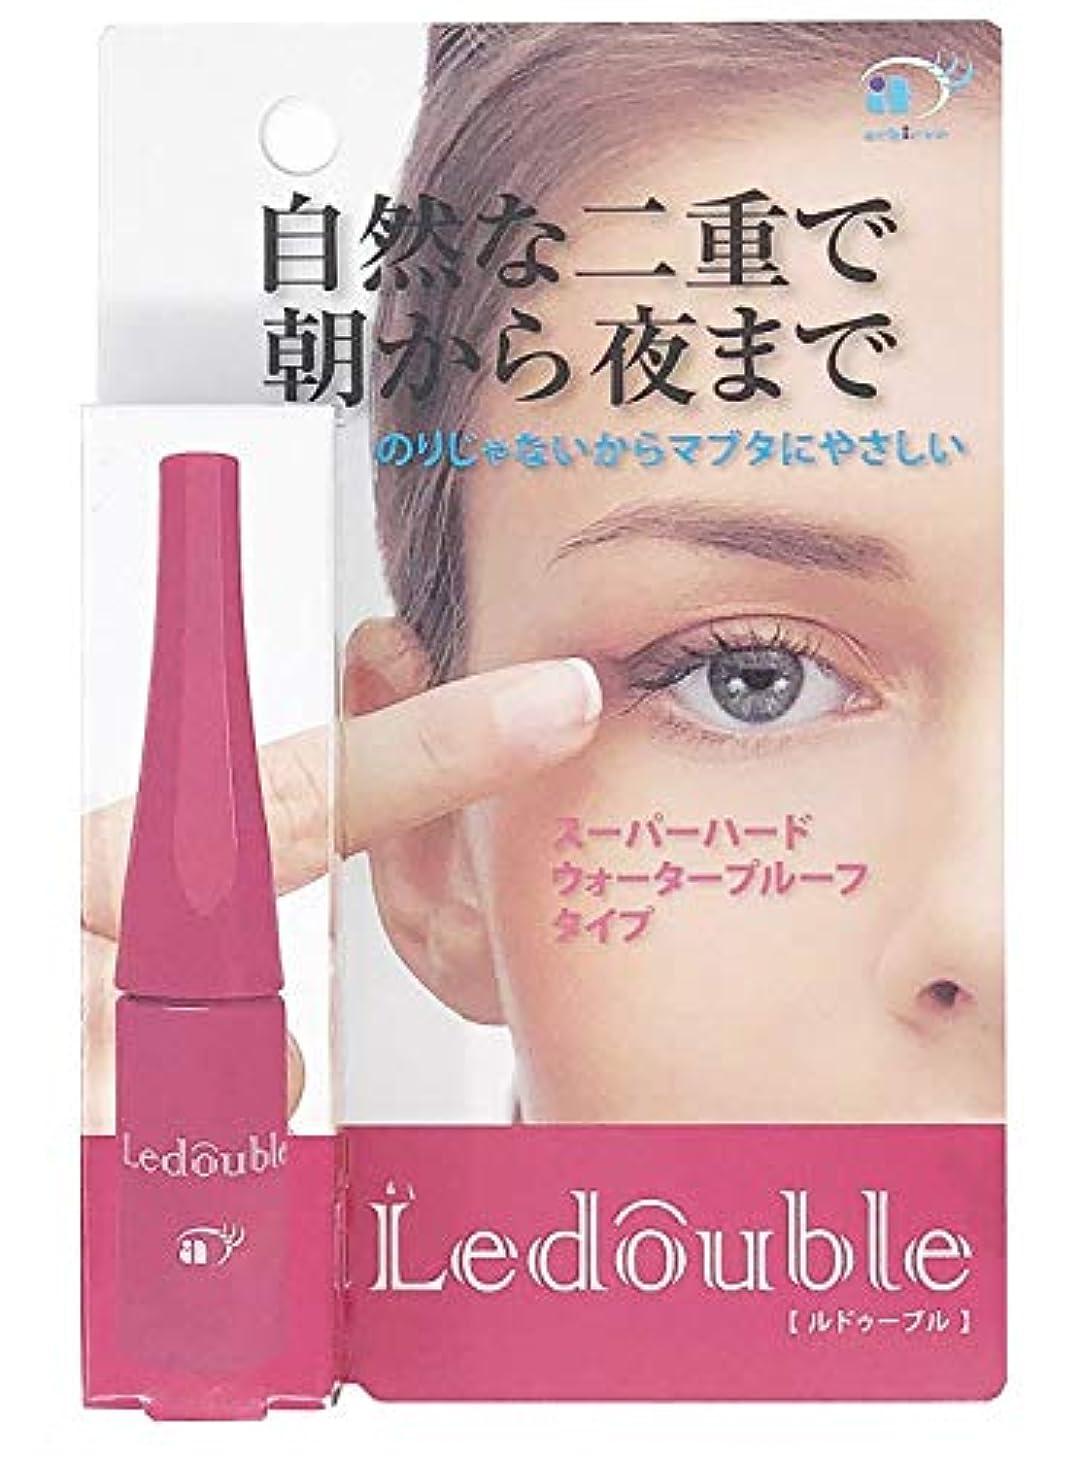 インスタンス容疑者パドルLedouble【ルドゥーブル】二重まぶた化粧品(4mL)